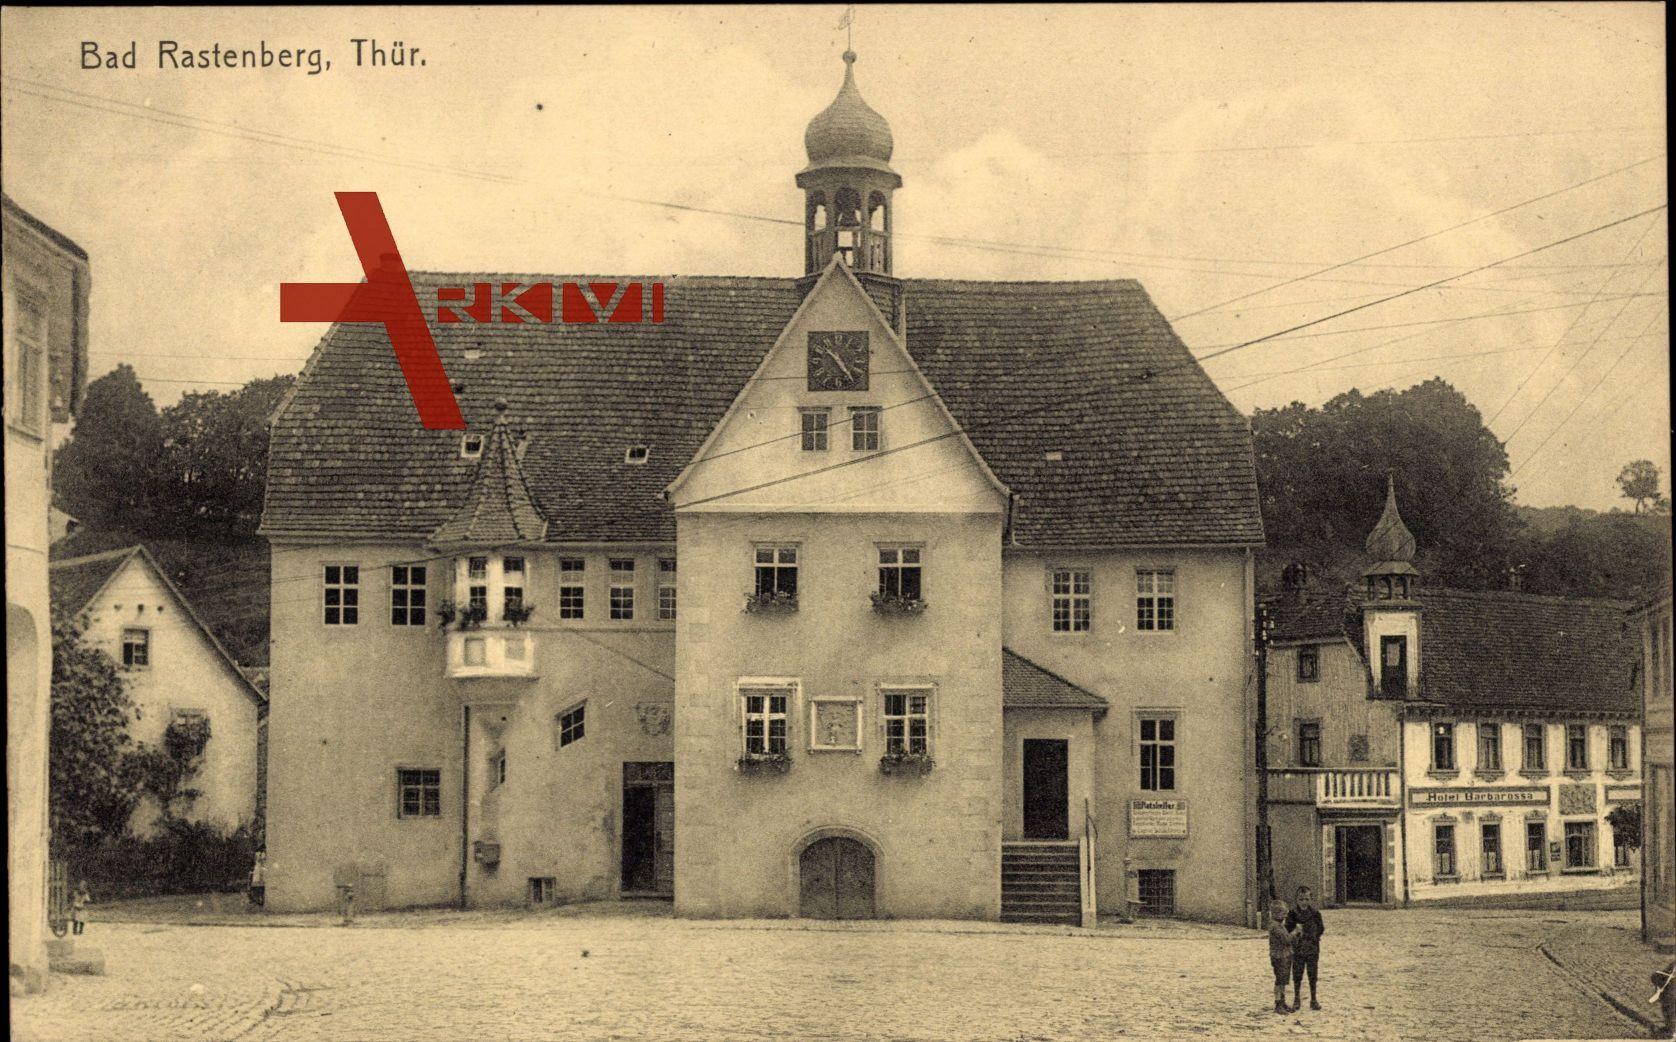 Rastenberg Thüringen, Blick auf ein Gebäude, Hotel Barbarossa